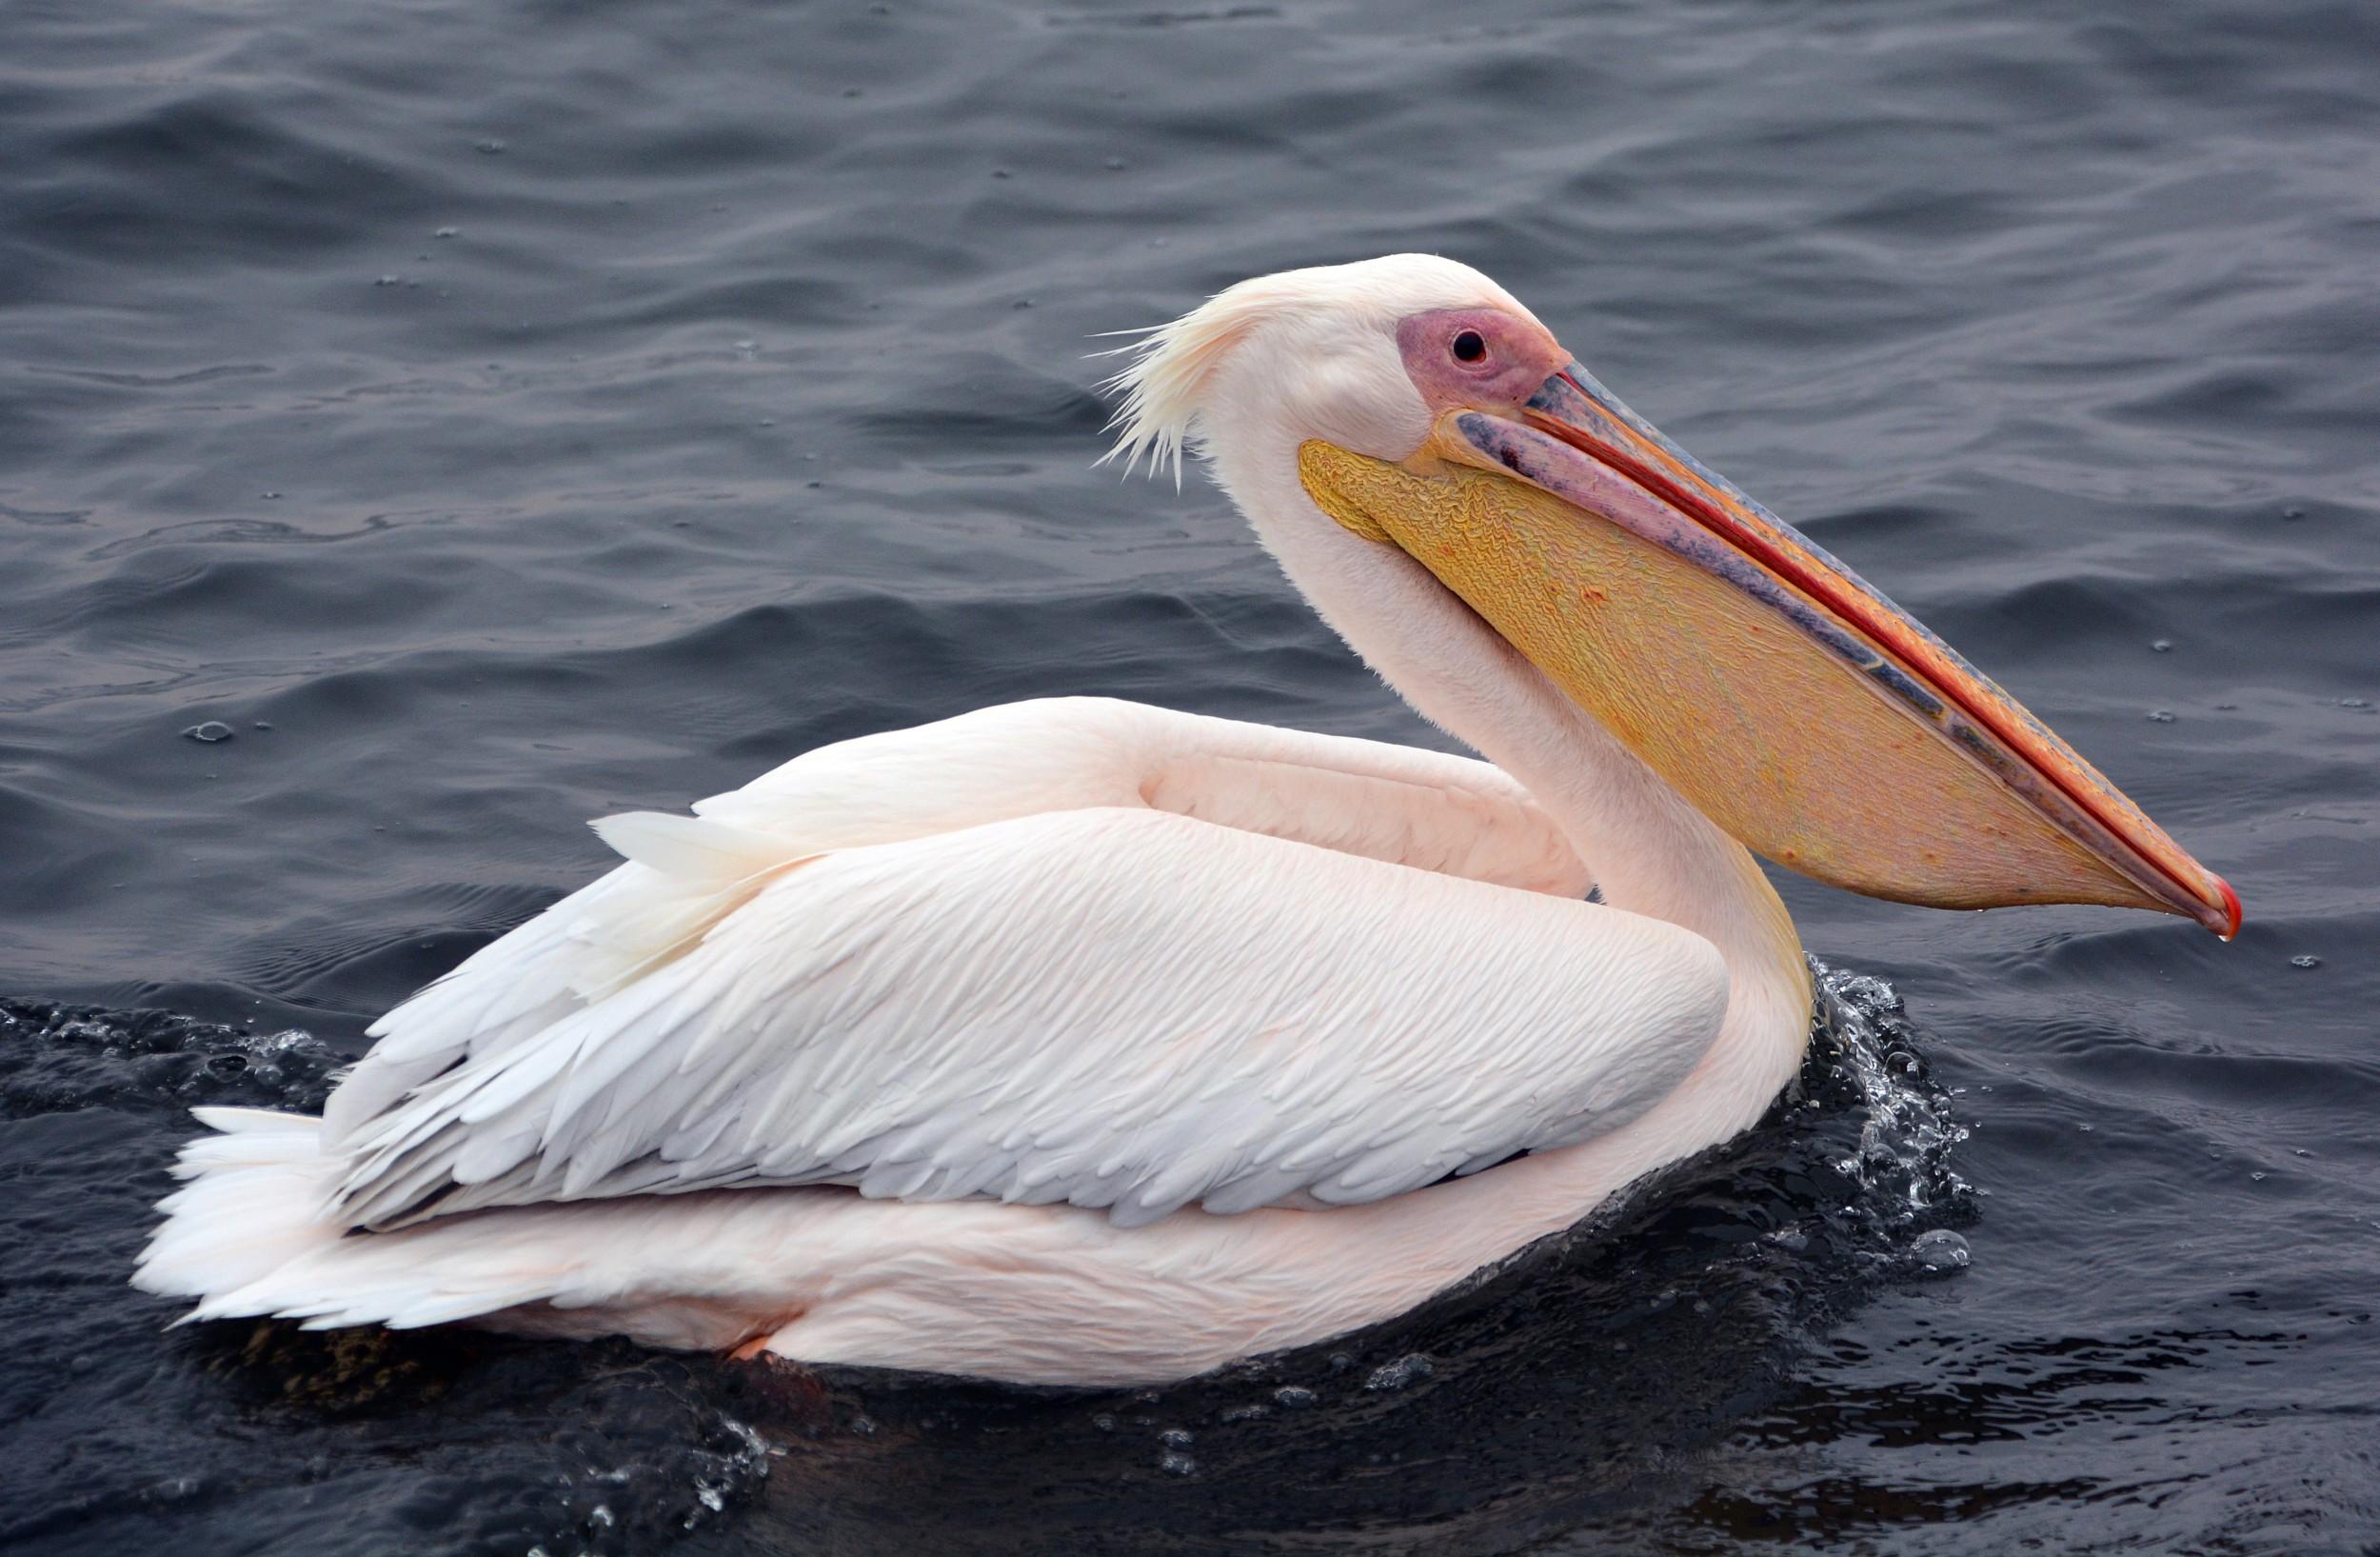 O Pelicano Distribuidora Pelicano - Espéci...